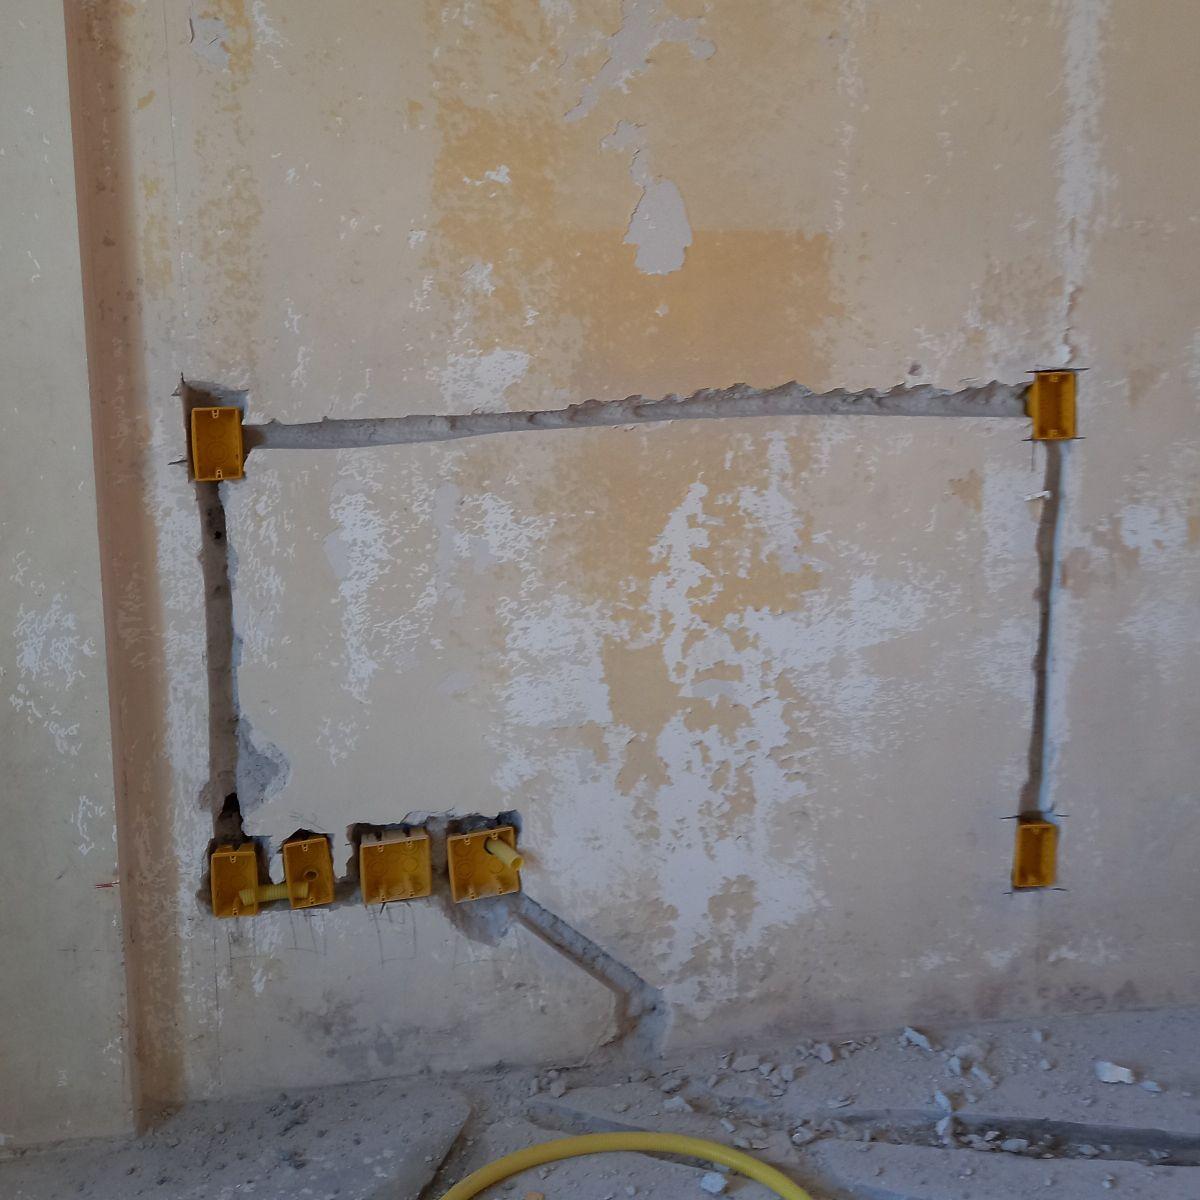 Instalação de caixinhas para tomadas e interruptor